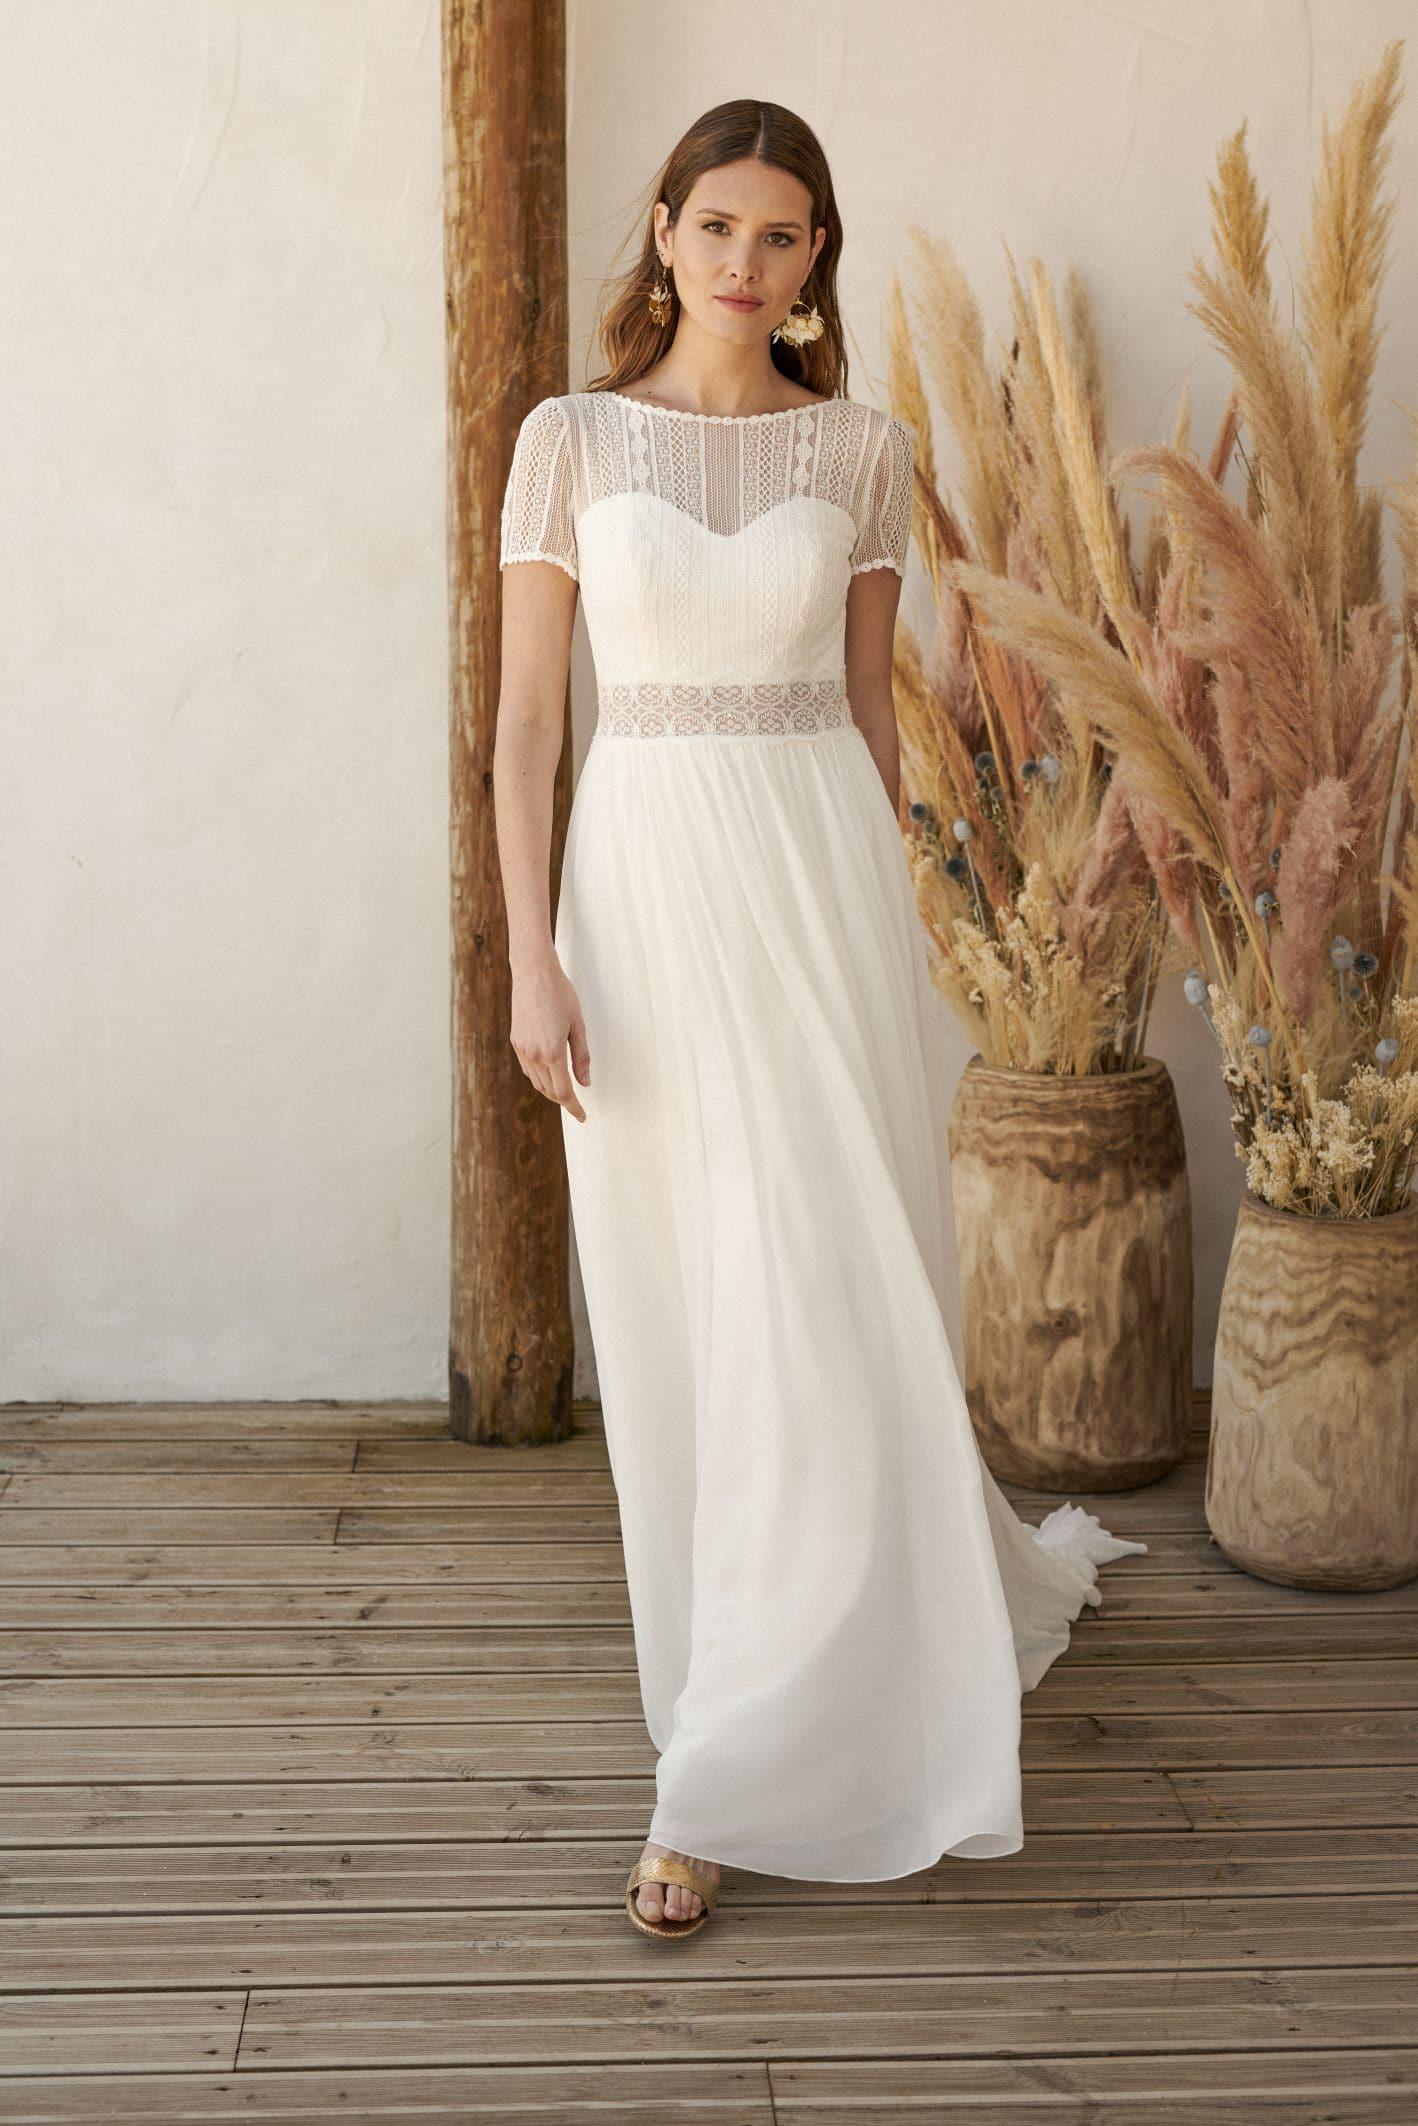 bewegelijke rok bruidsjurk